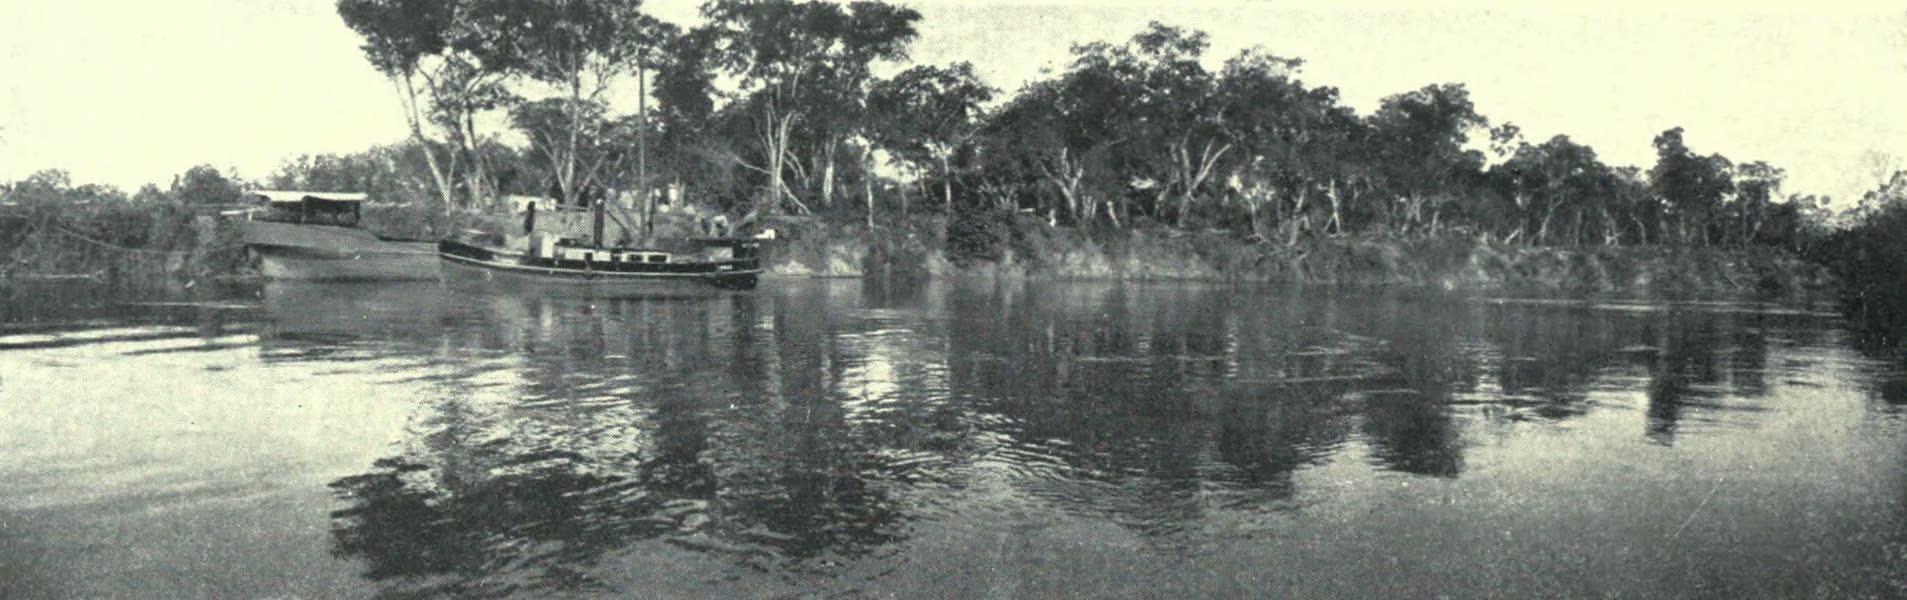 Paraguay by Henry Koebel - A River Scene (1917)